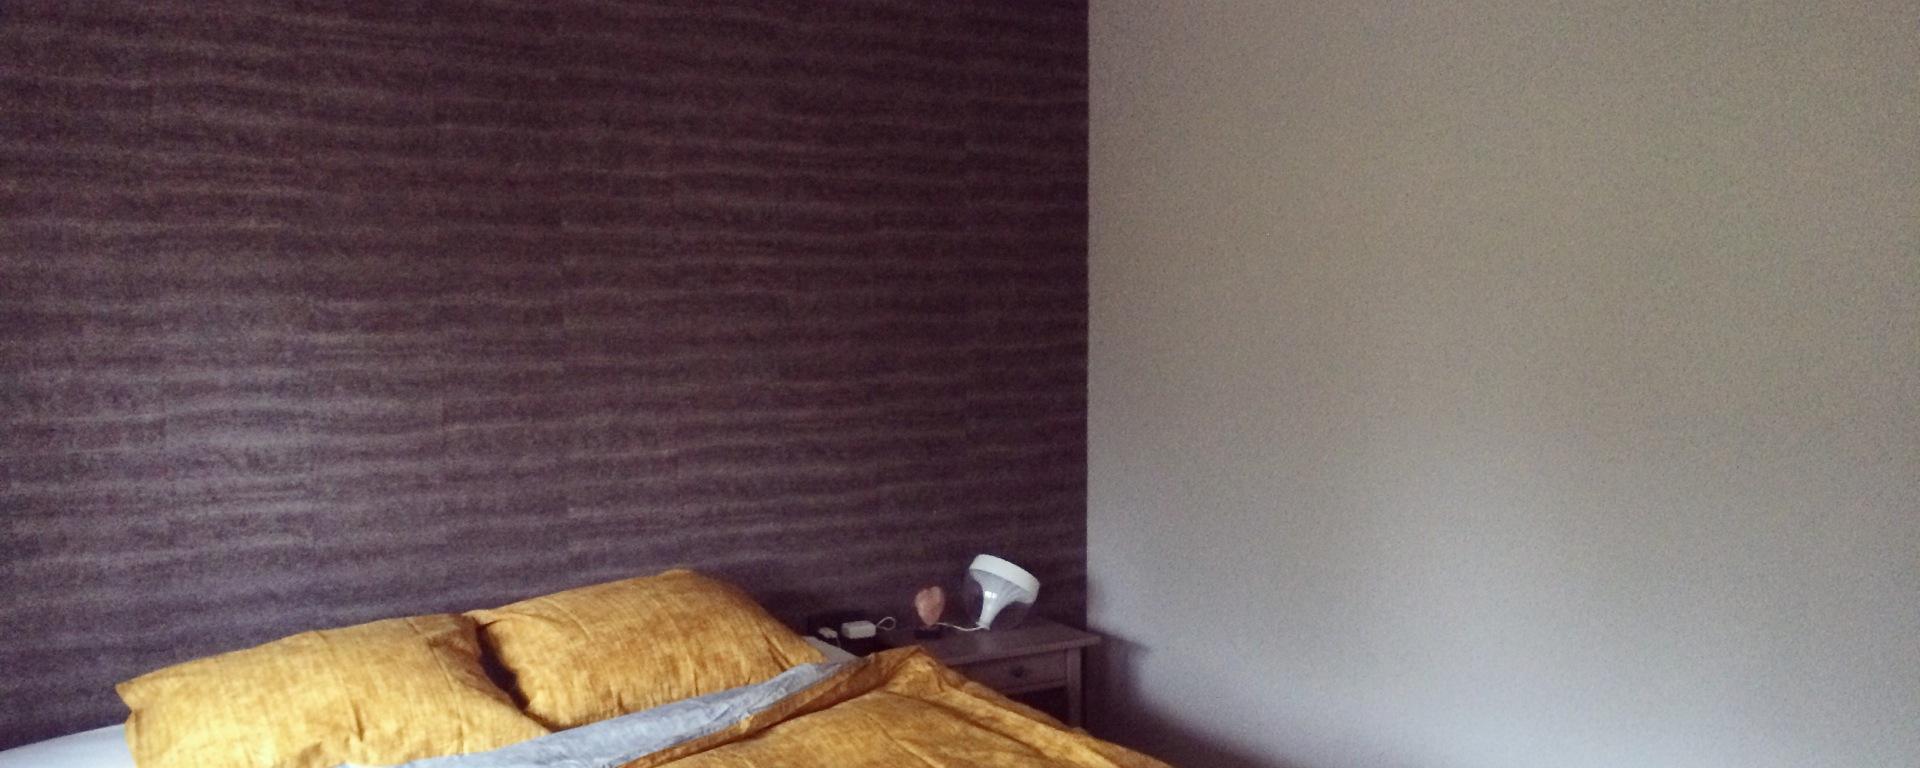 Instant make over voor je slaapkamer – Finkelstein & sons